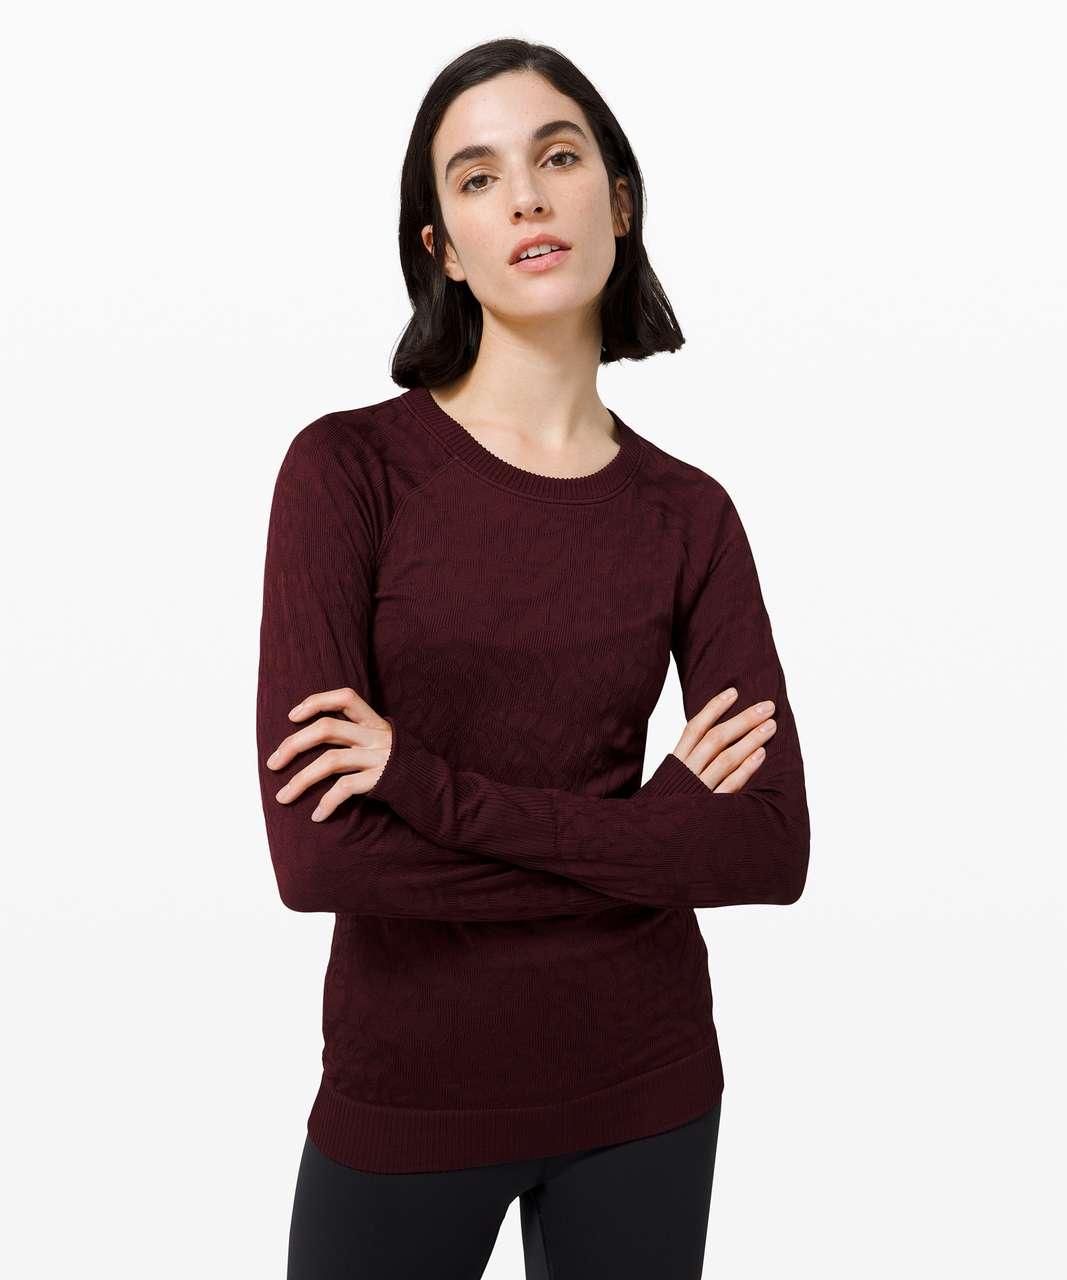 Lululemon Rest Less Pullover - Garnet / Garnet